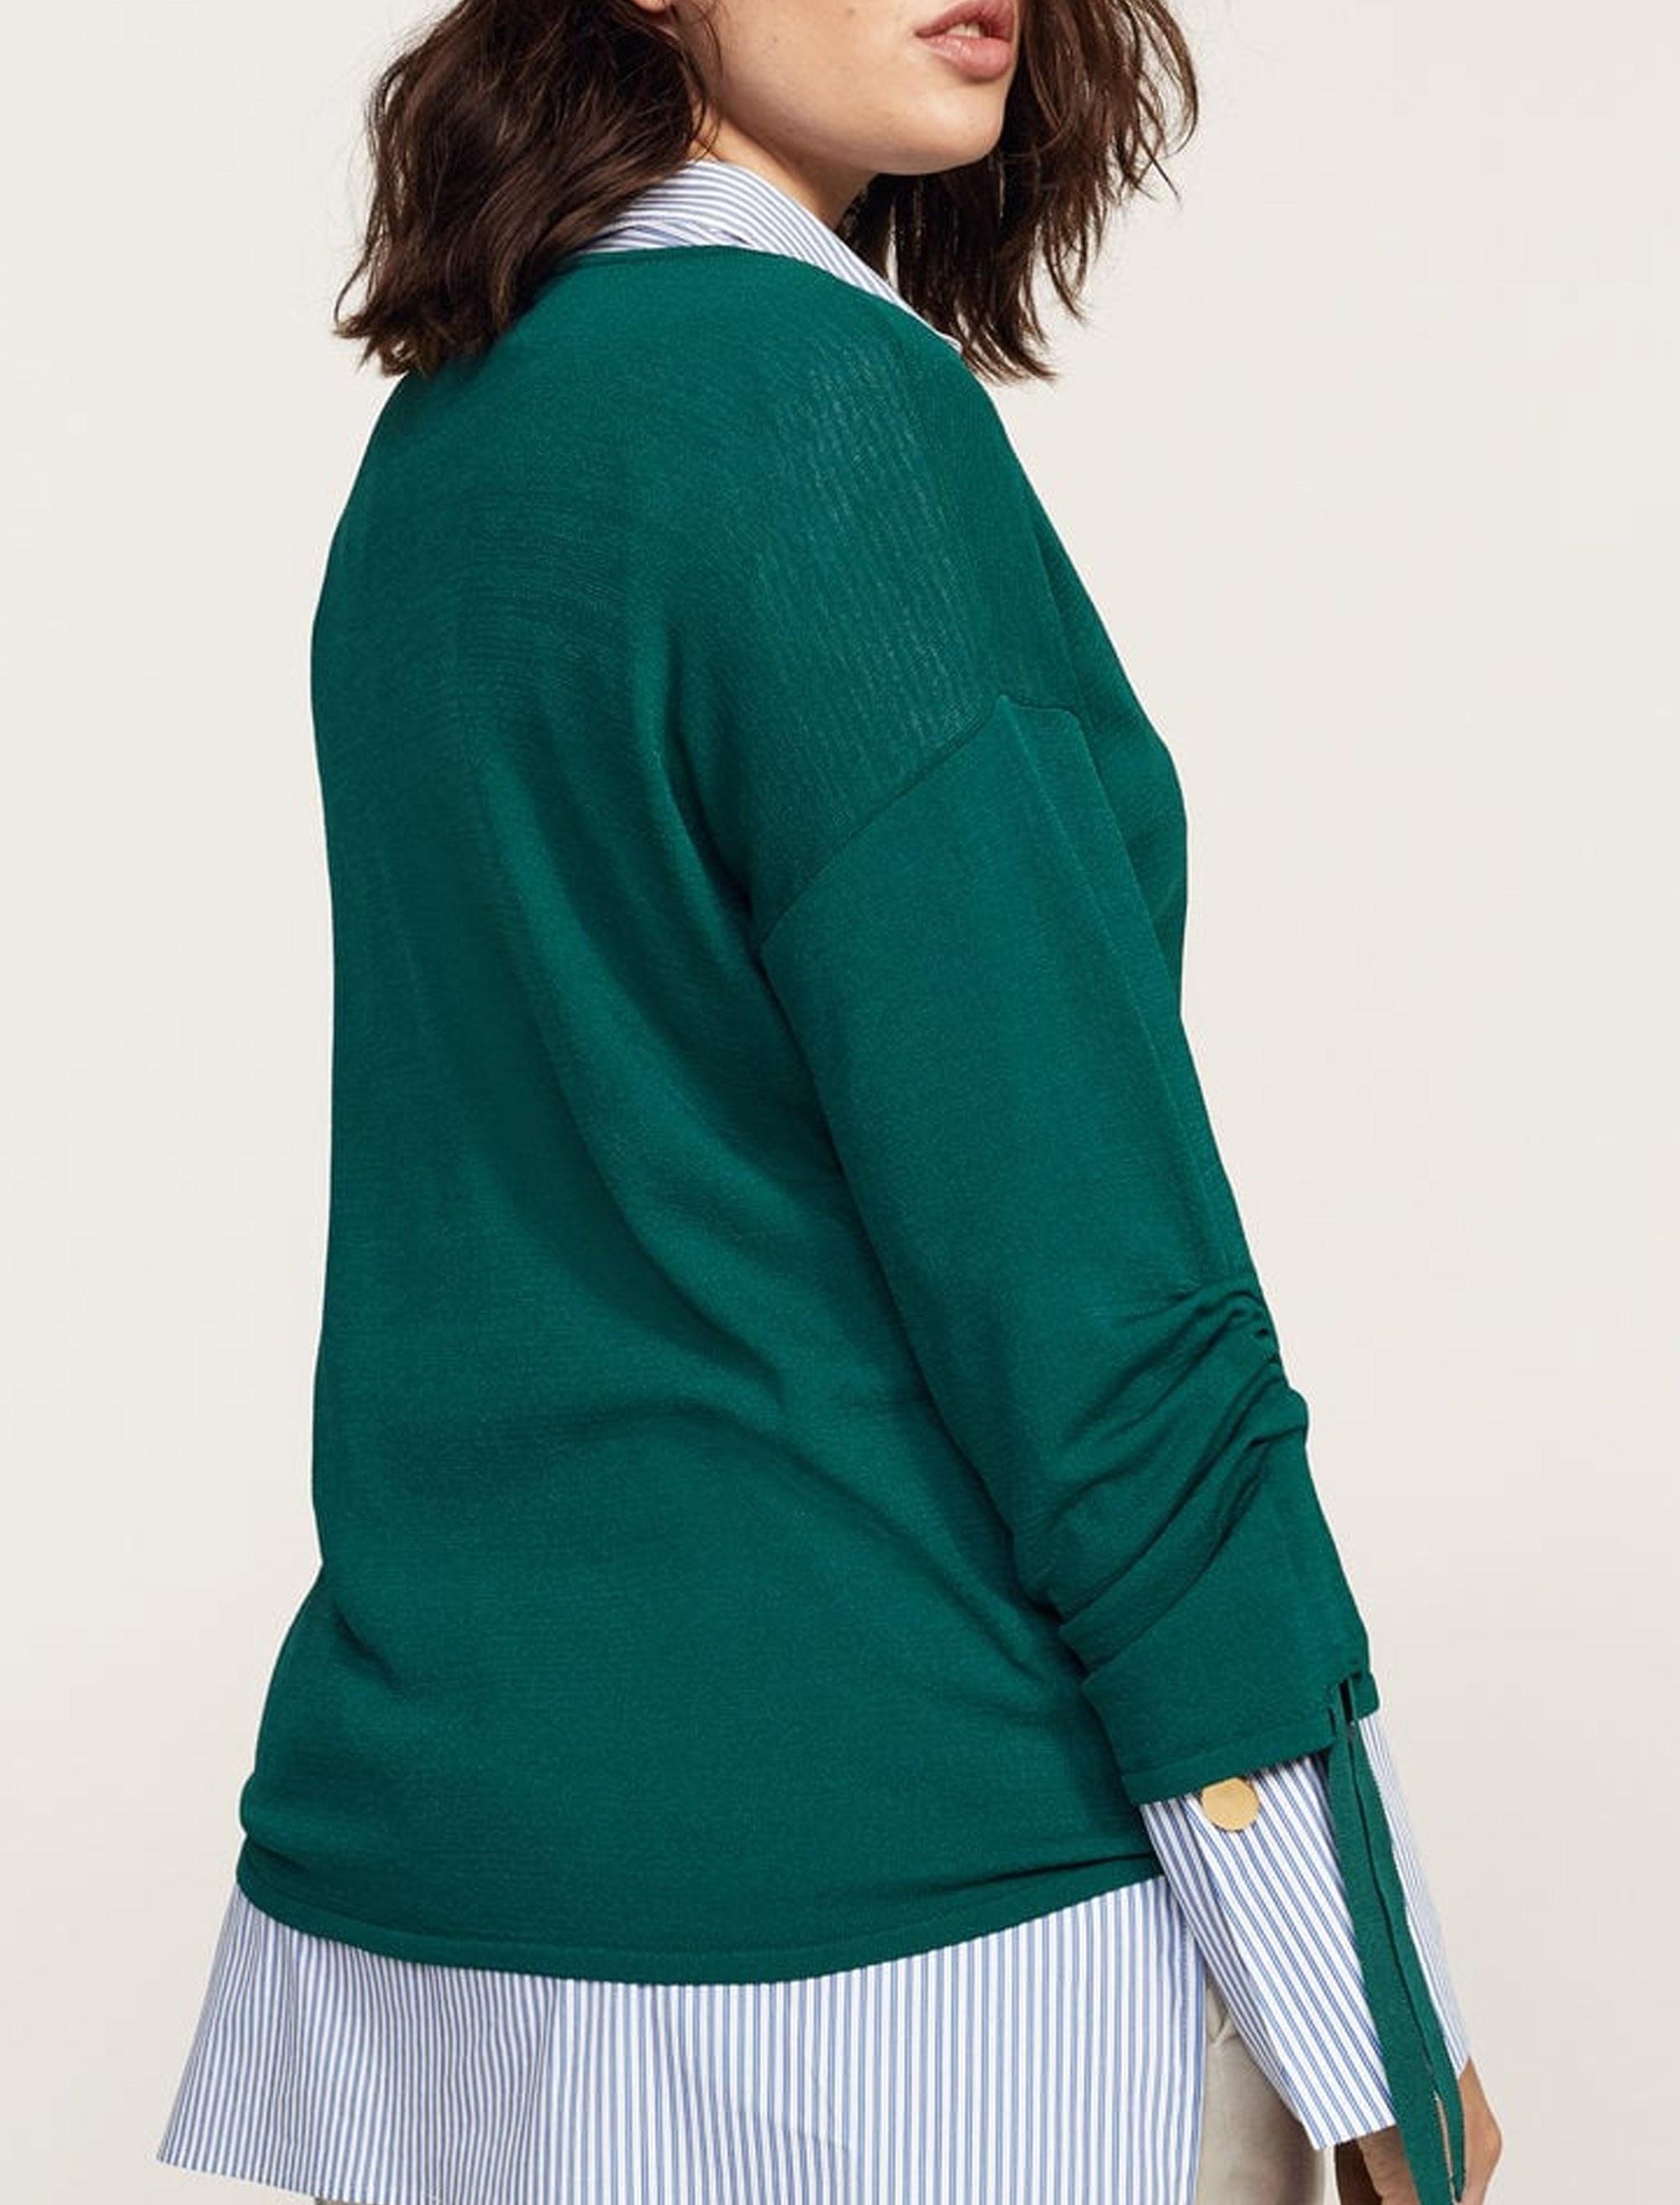 پلیور ویسکوز یقه گرد زنانه - ویولتا بای مانگو - سبز - 3